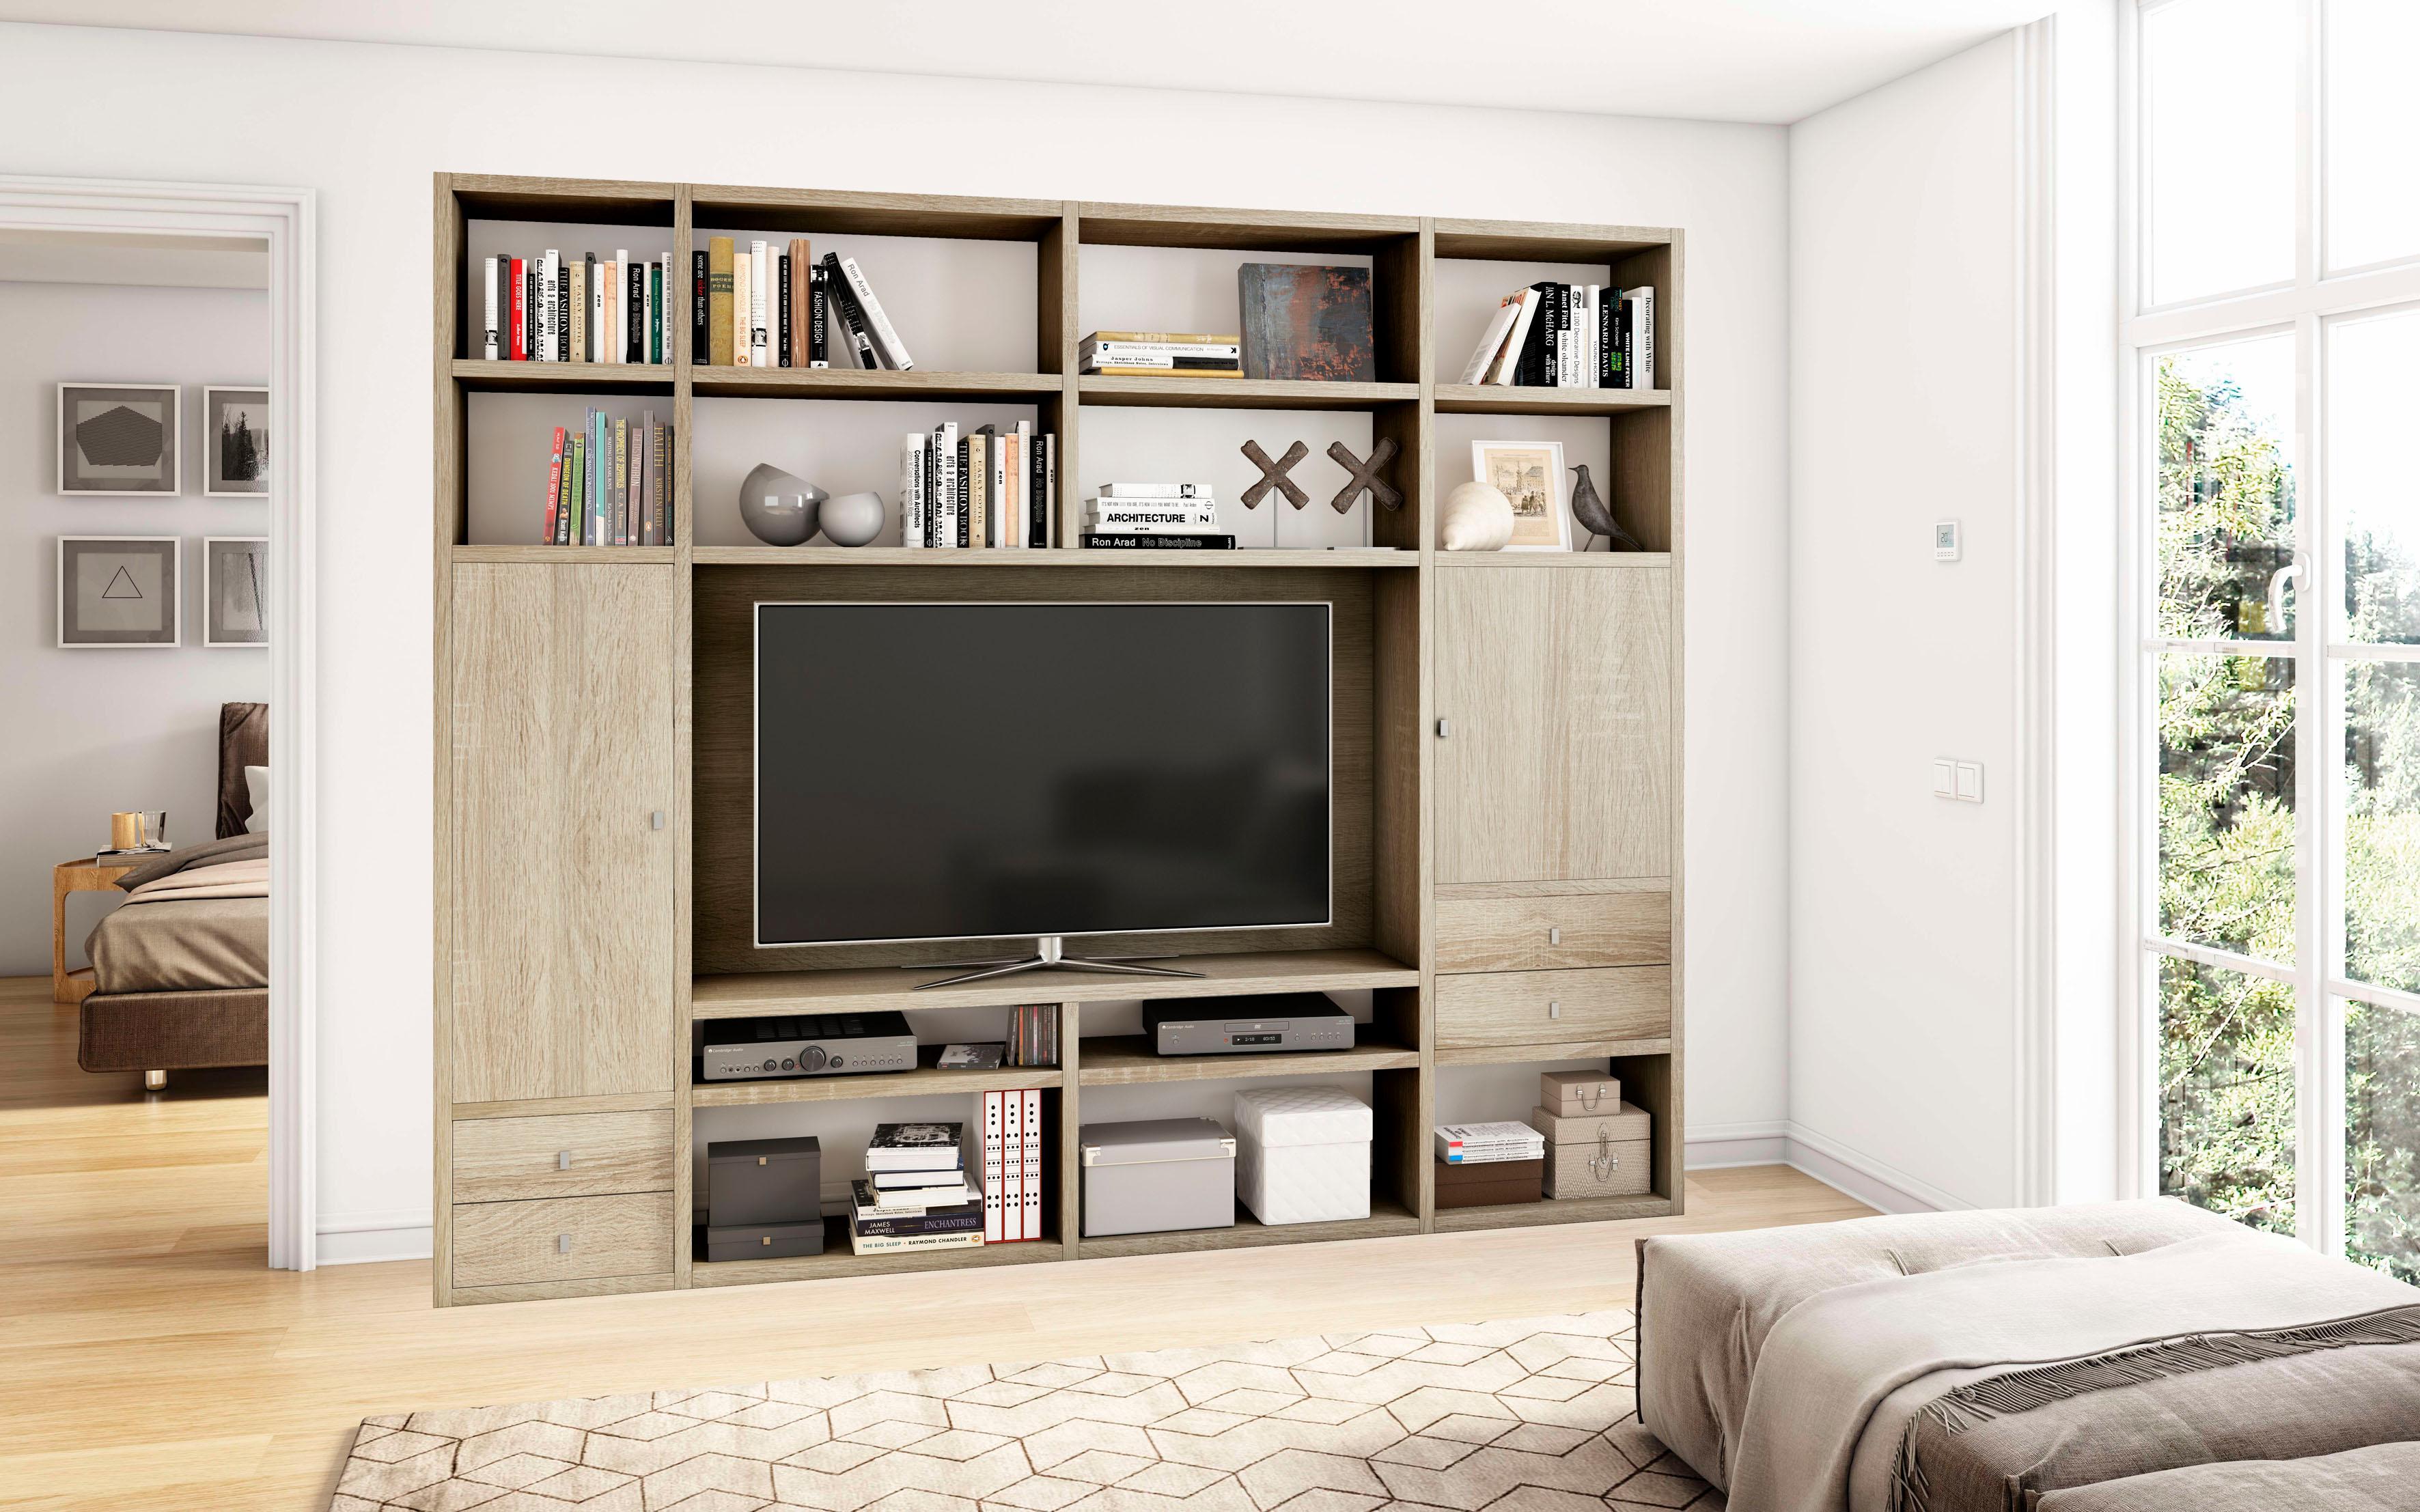 Wohnwand »TORO 375«, Breite 264,9 cm   Wohnzimmer > Schränke   Braun   Hochglanz - Sonoma - Eiche - Melamin   QUELLE